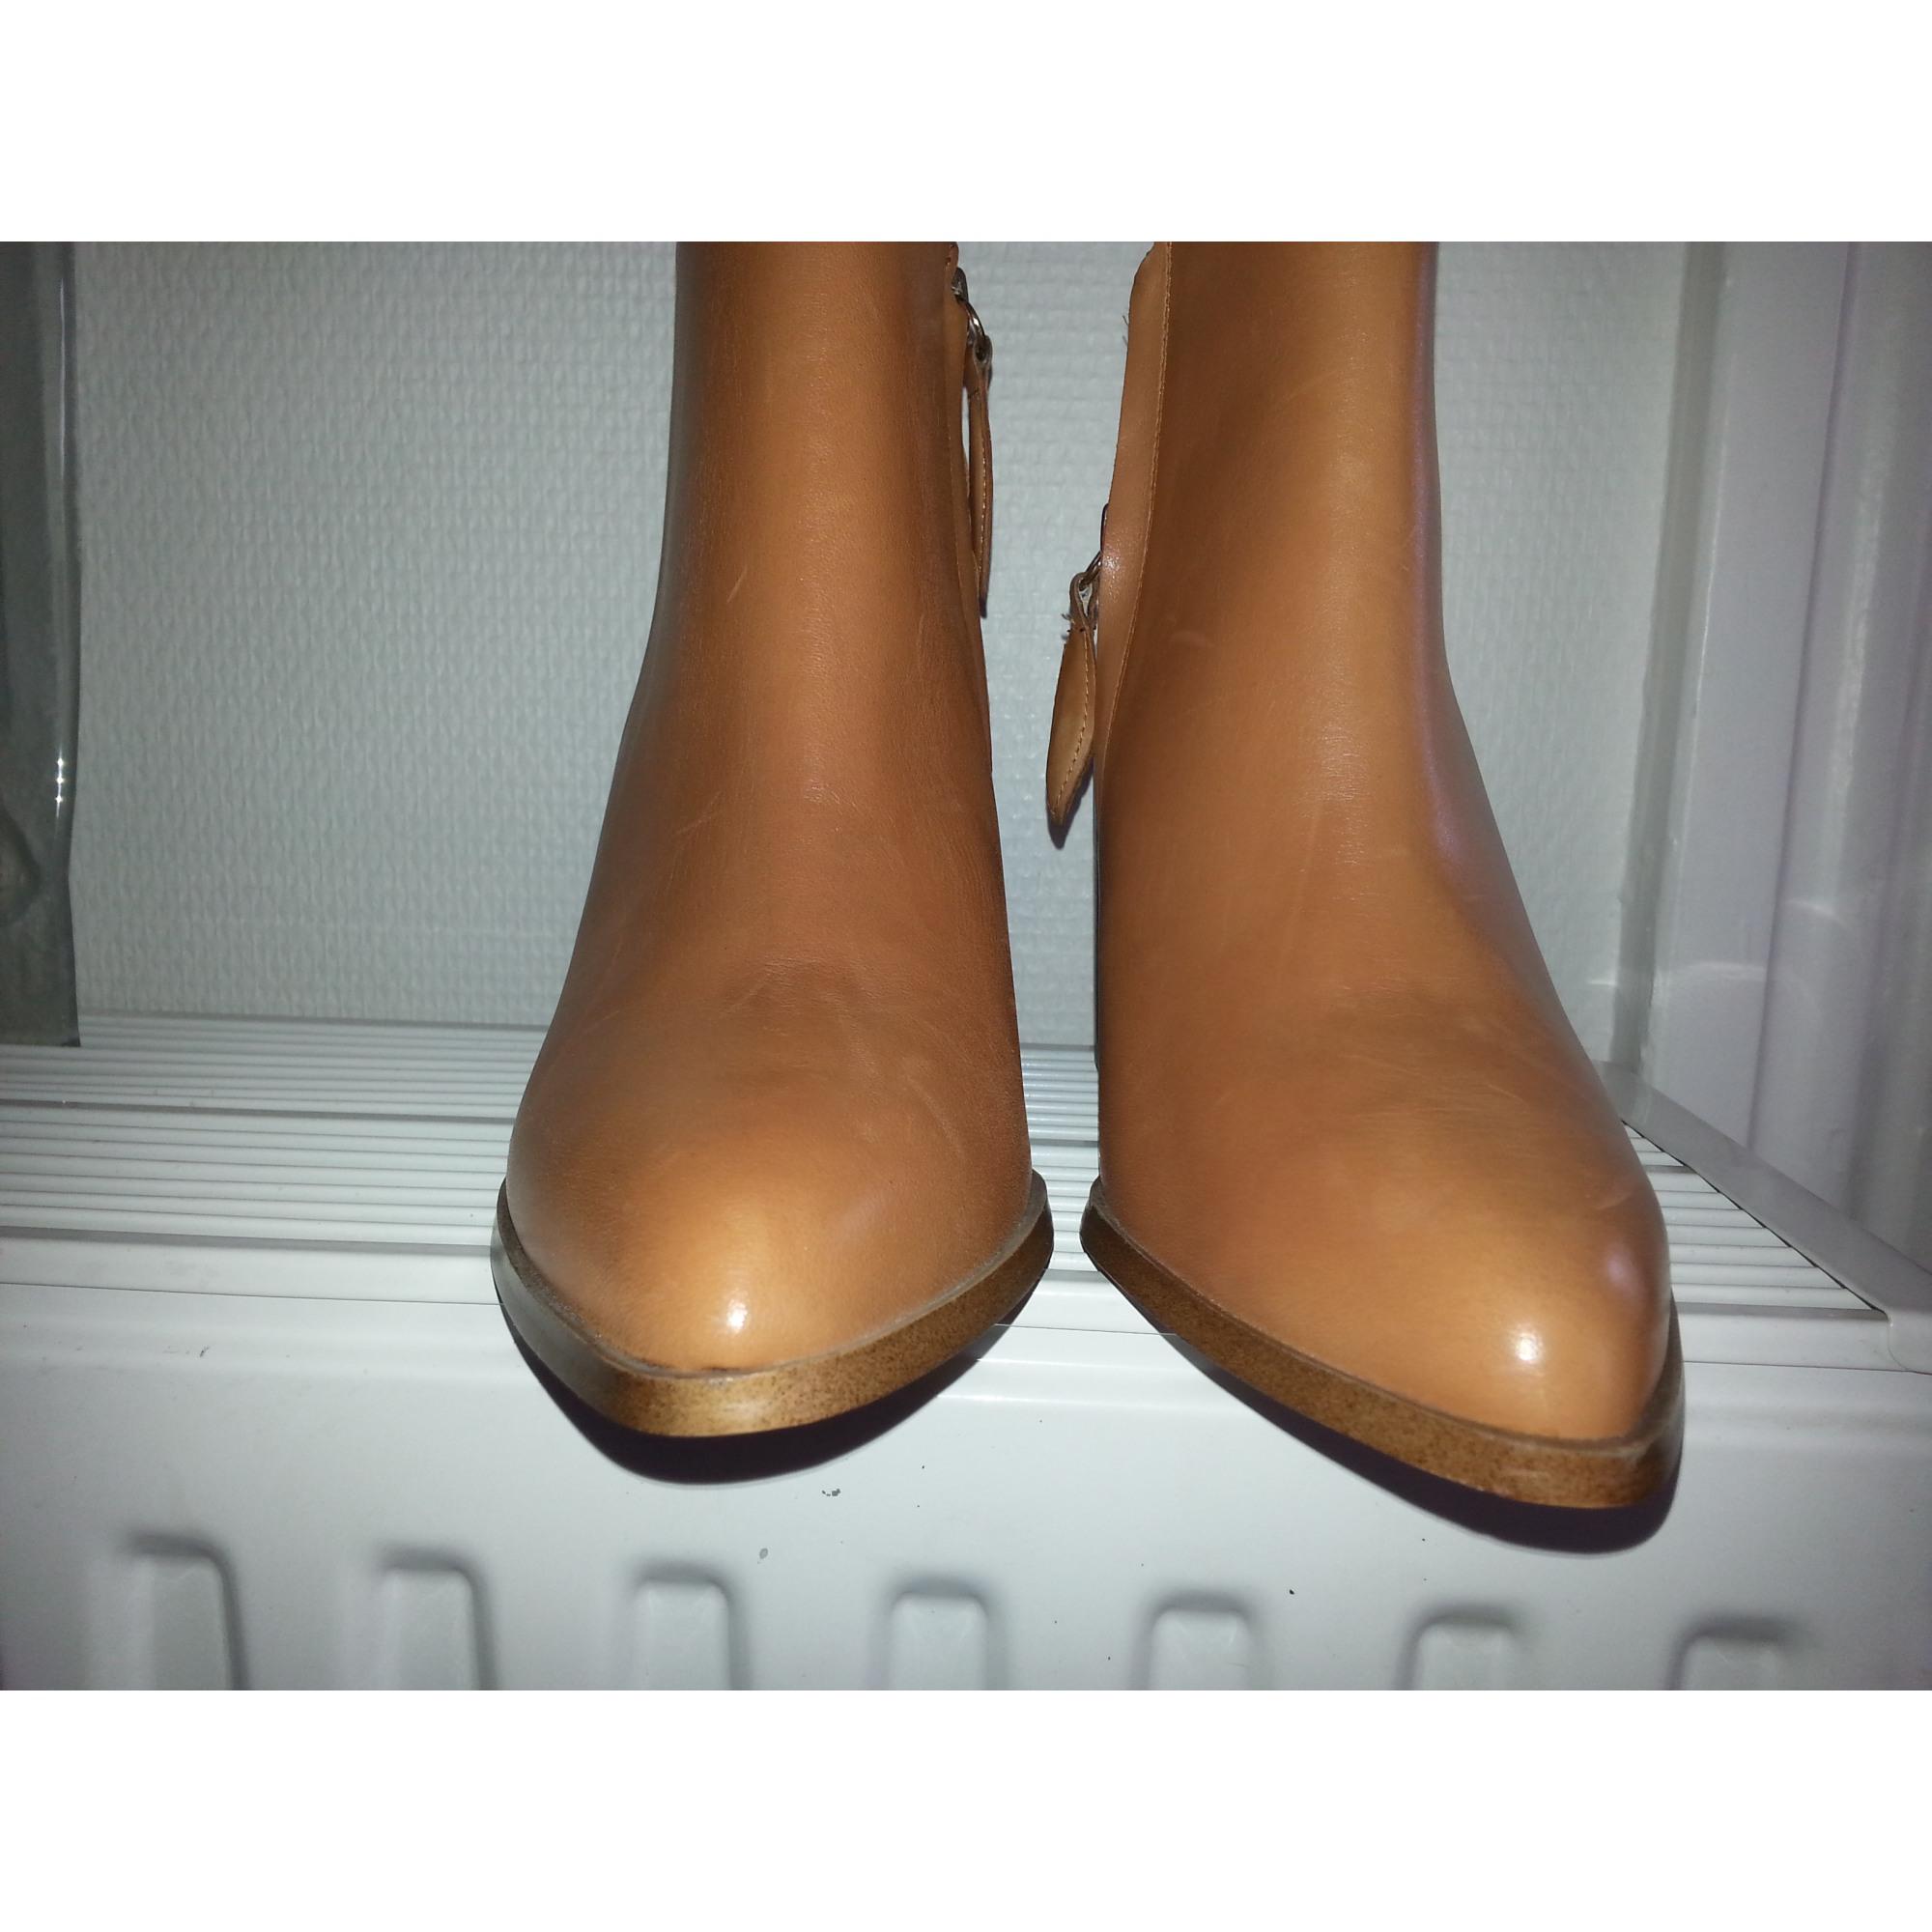 Par Vendu Gauthiere Beige Boots 3 Low Mango Bottines amp; Talons 37 À qZngzfg8